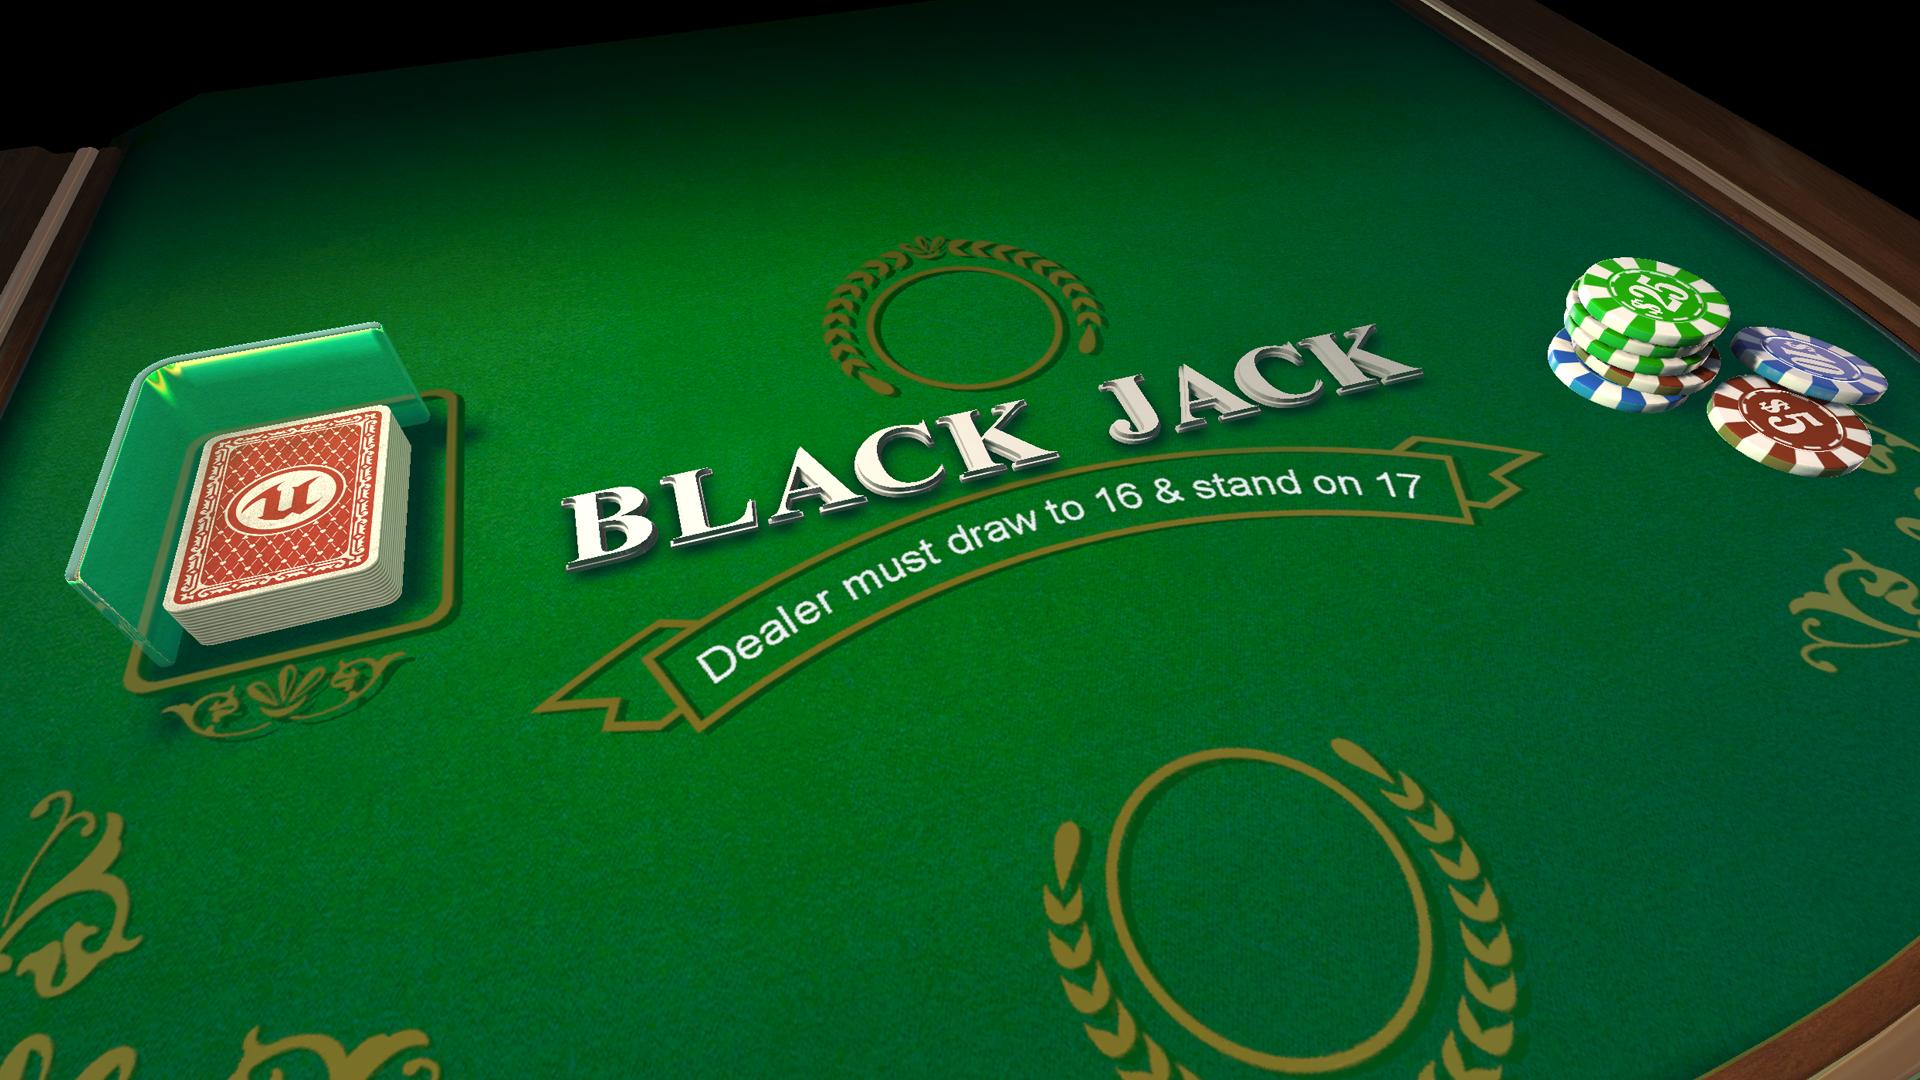 Blackjack sample 2.png